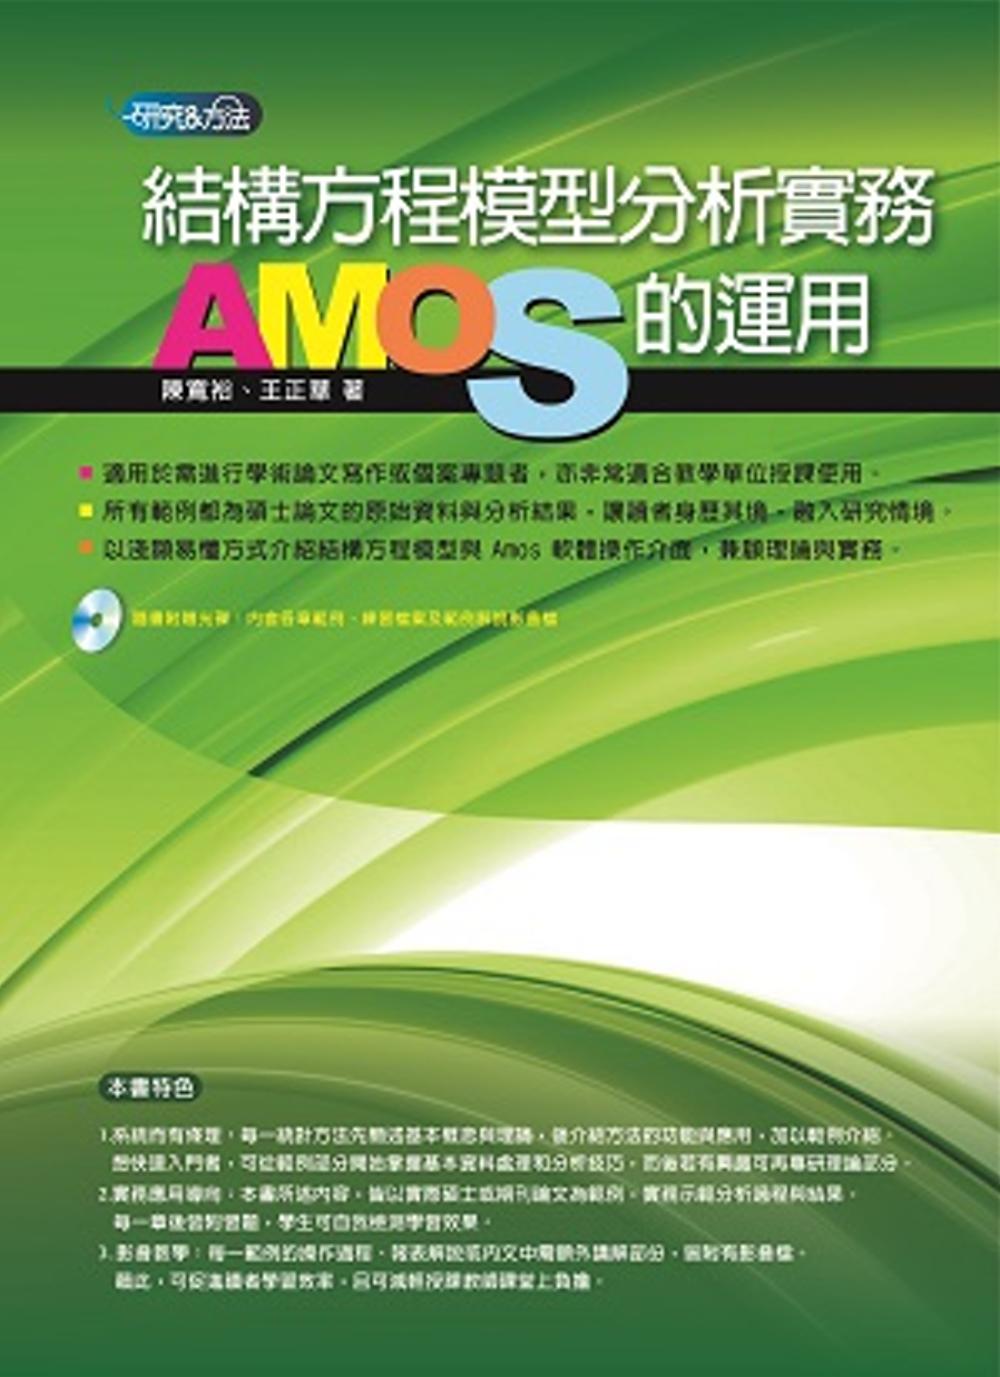 結構方程模型分析實務:AMOS的運用